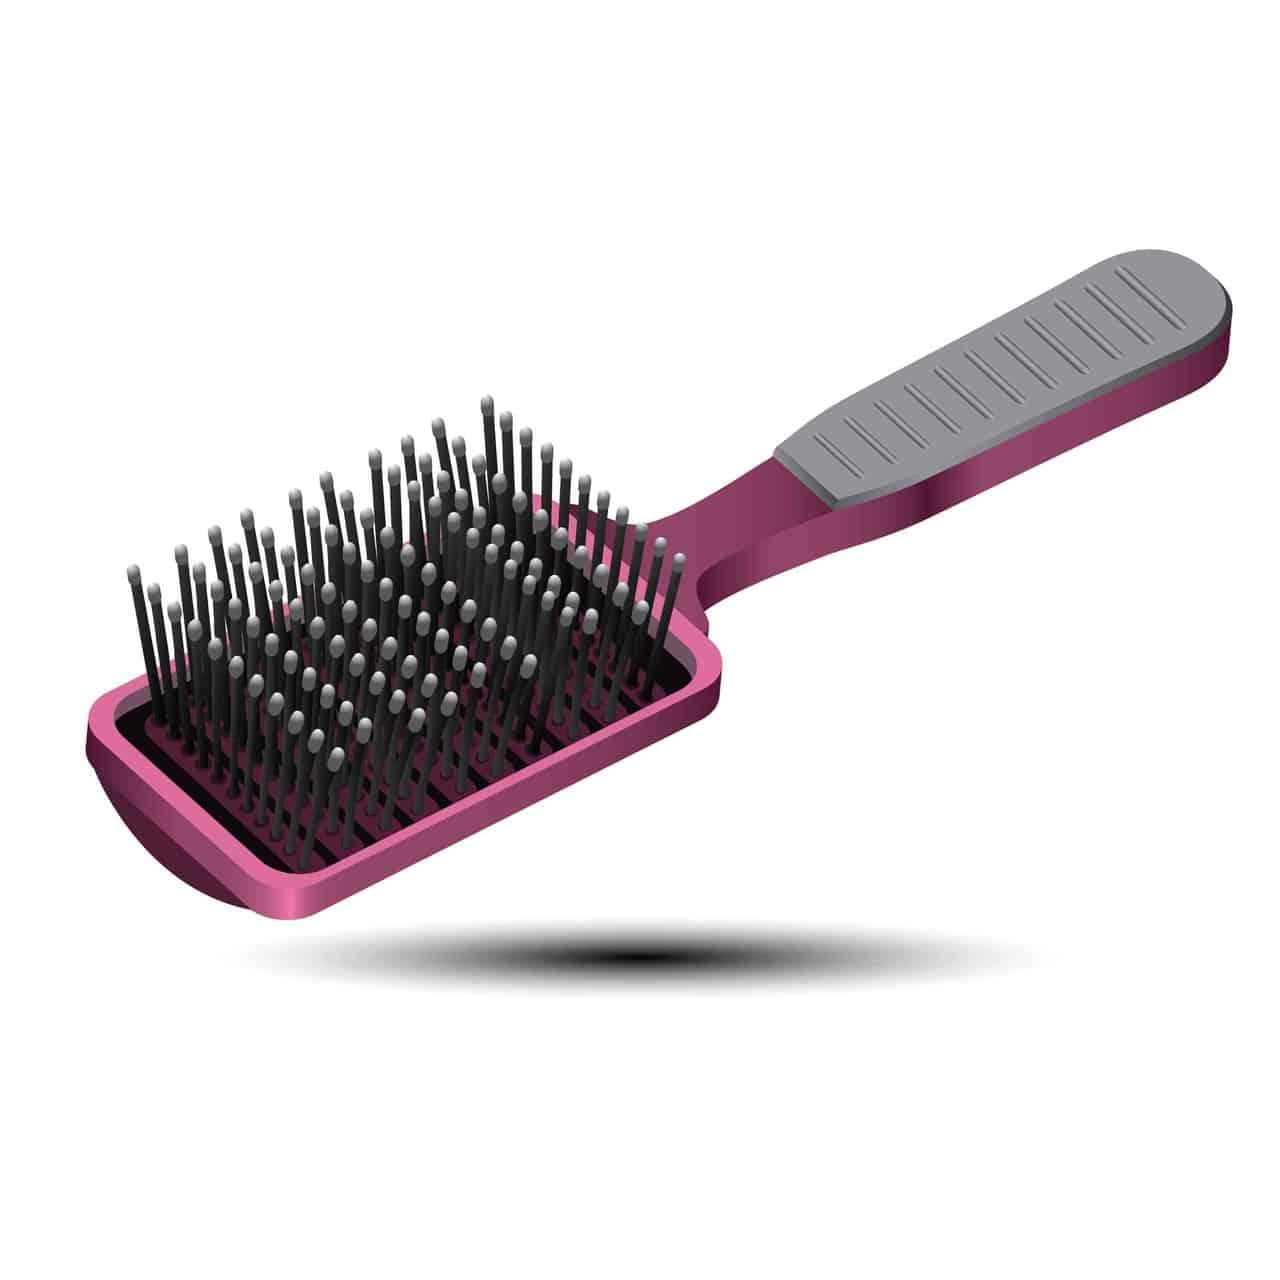 Wypadanie włosów – przyczyny nadmiernego wypadania włosów. Jak sobie z tym radzić?